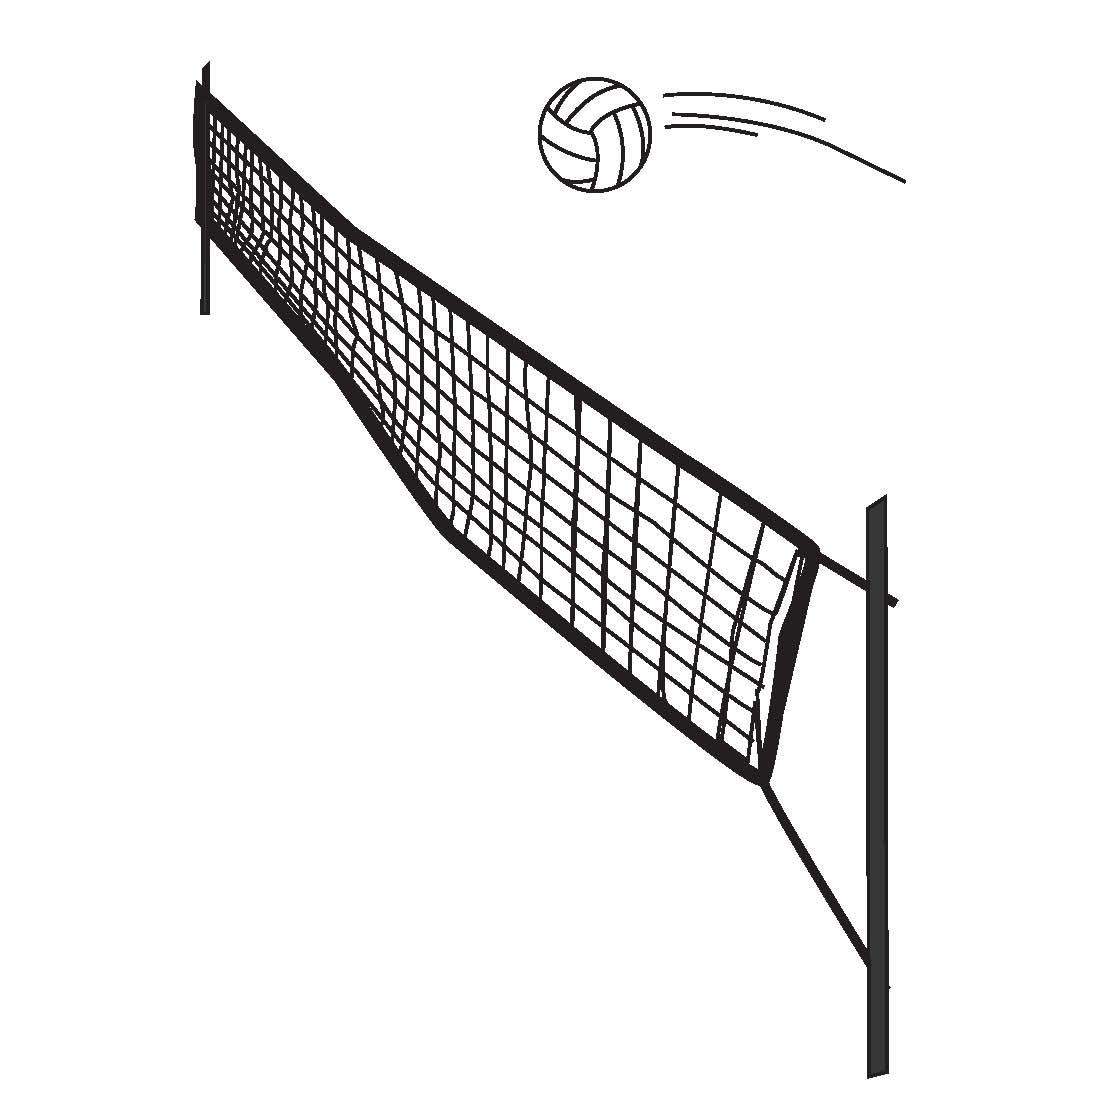 Volleyball Net Clipart Volleyball Net And Ball Volleyball Net Clipart Black Volleyball Net2 Sports Clipart Pictures Volleyball Net Volleyball Clip Art